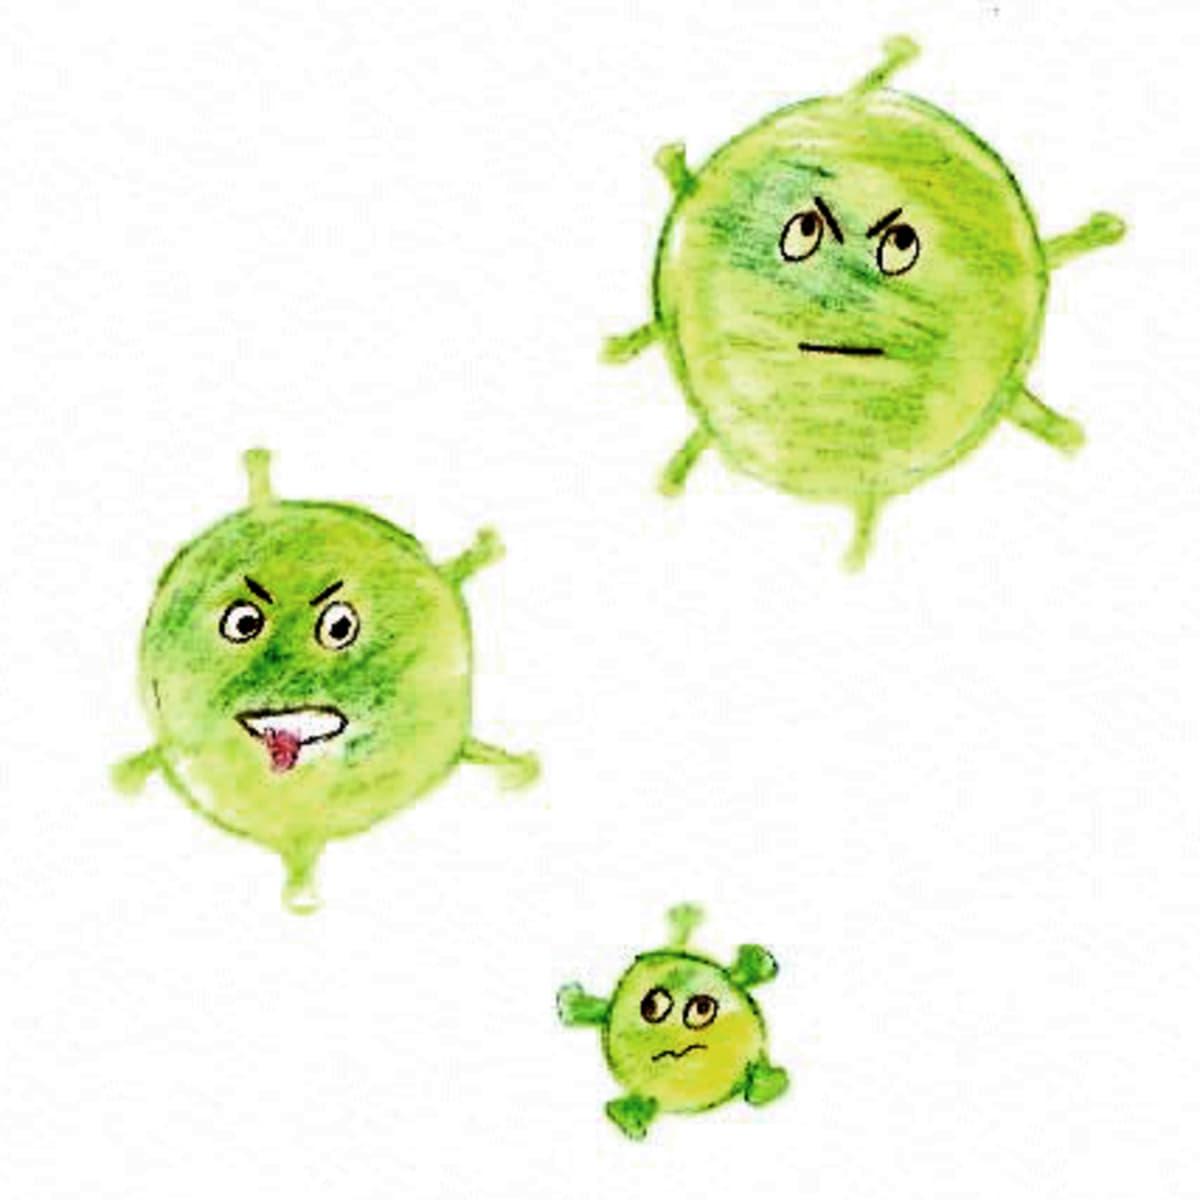 Kolme vihreätä ympyrää, joille on piirretty yrmeät kasvot ja sakaroita kuin korona-viruksella.